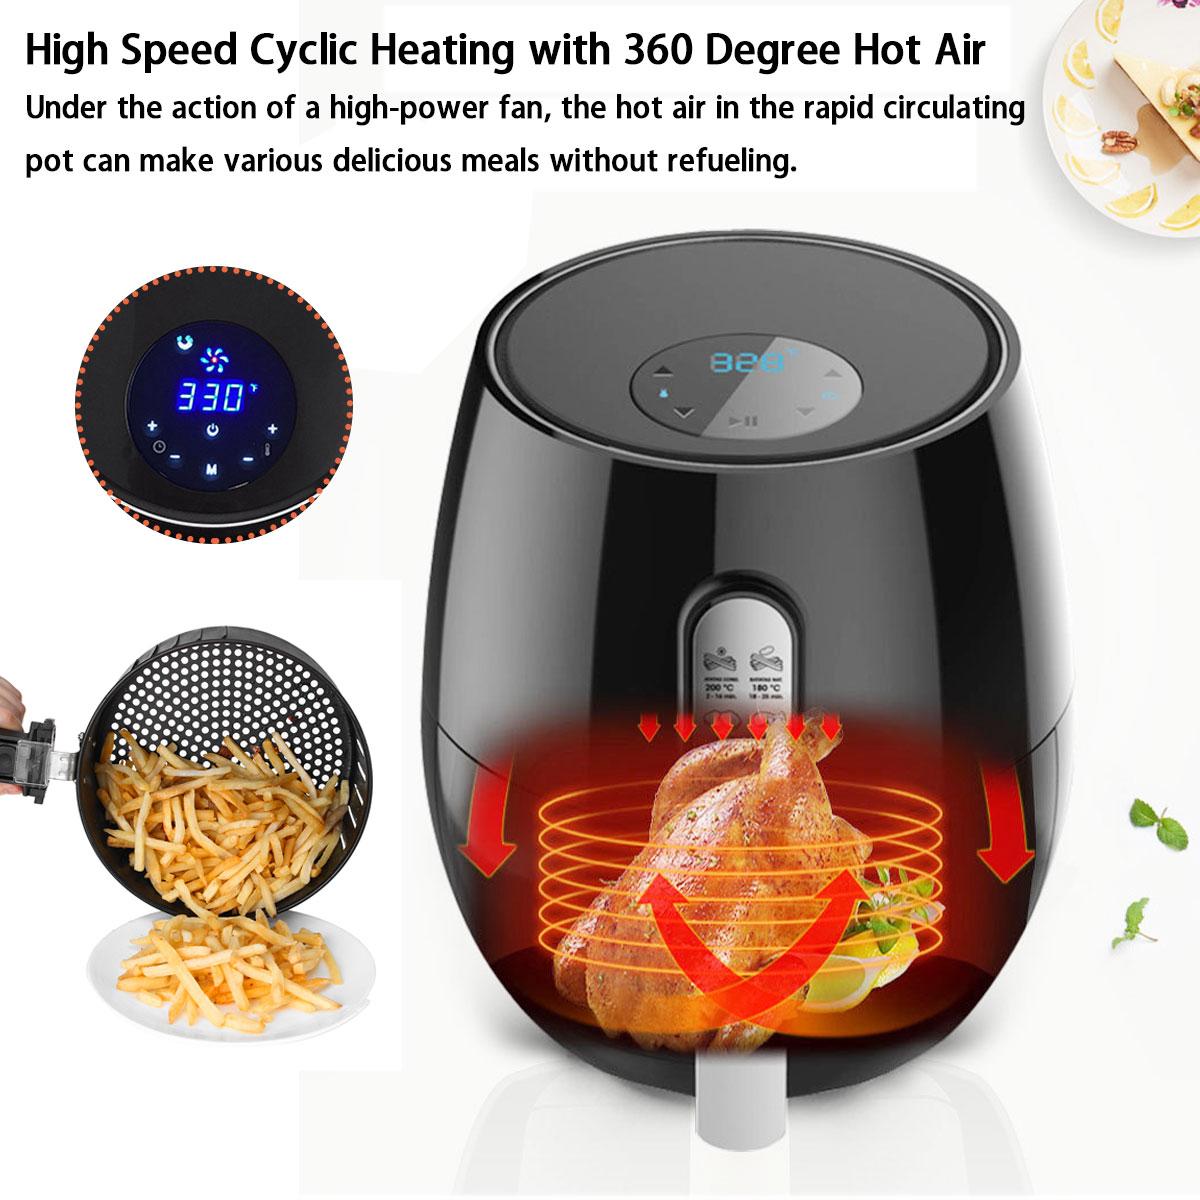 Friteuse à Air friteuse électrique 1400W écran tactile LED numérique minuterie de contrôle de température friteuse à Air électrique - 6